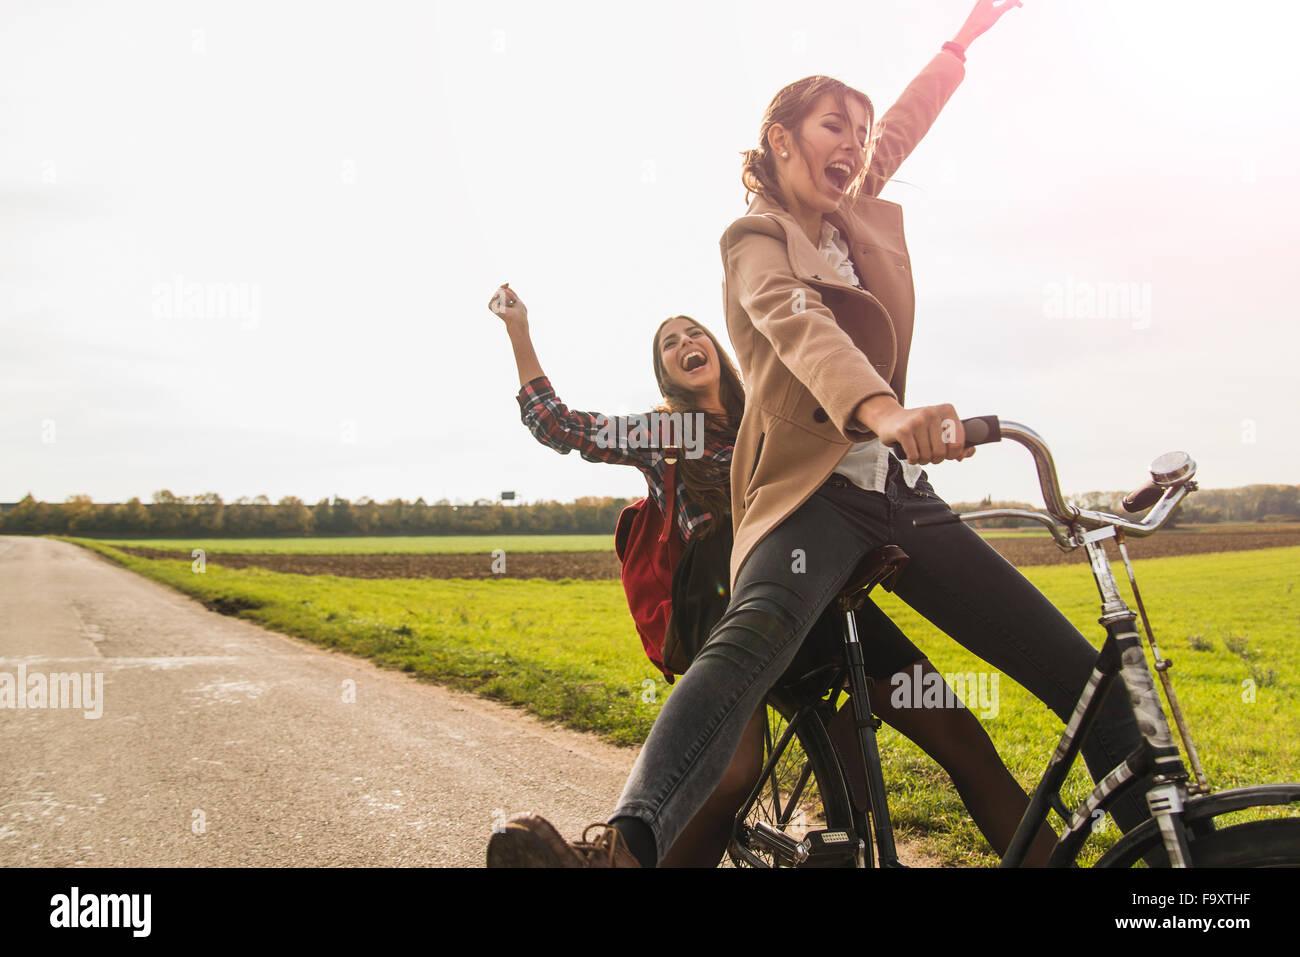 Dos Exuberantes Mujeres Jóvenes Compartiendo Una Bicicleta